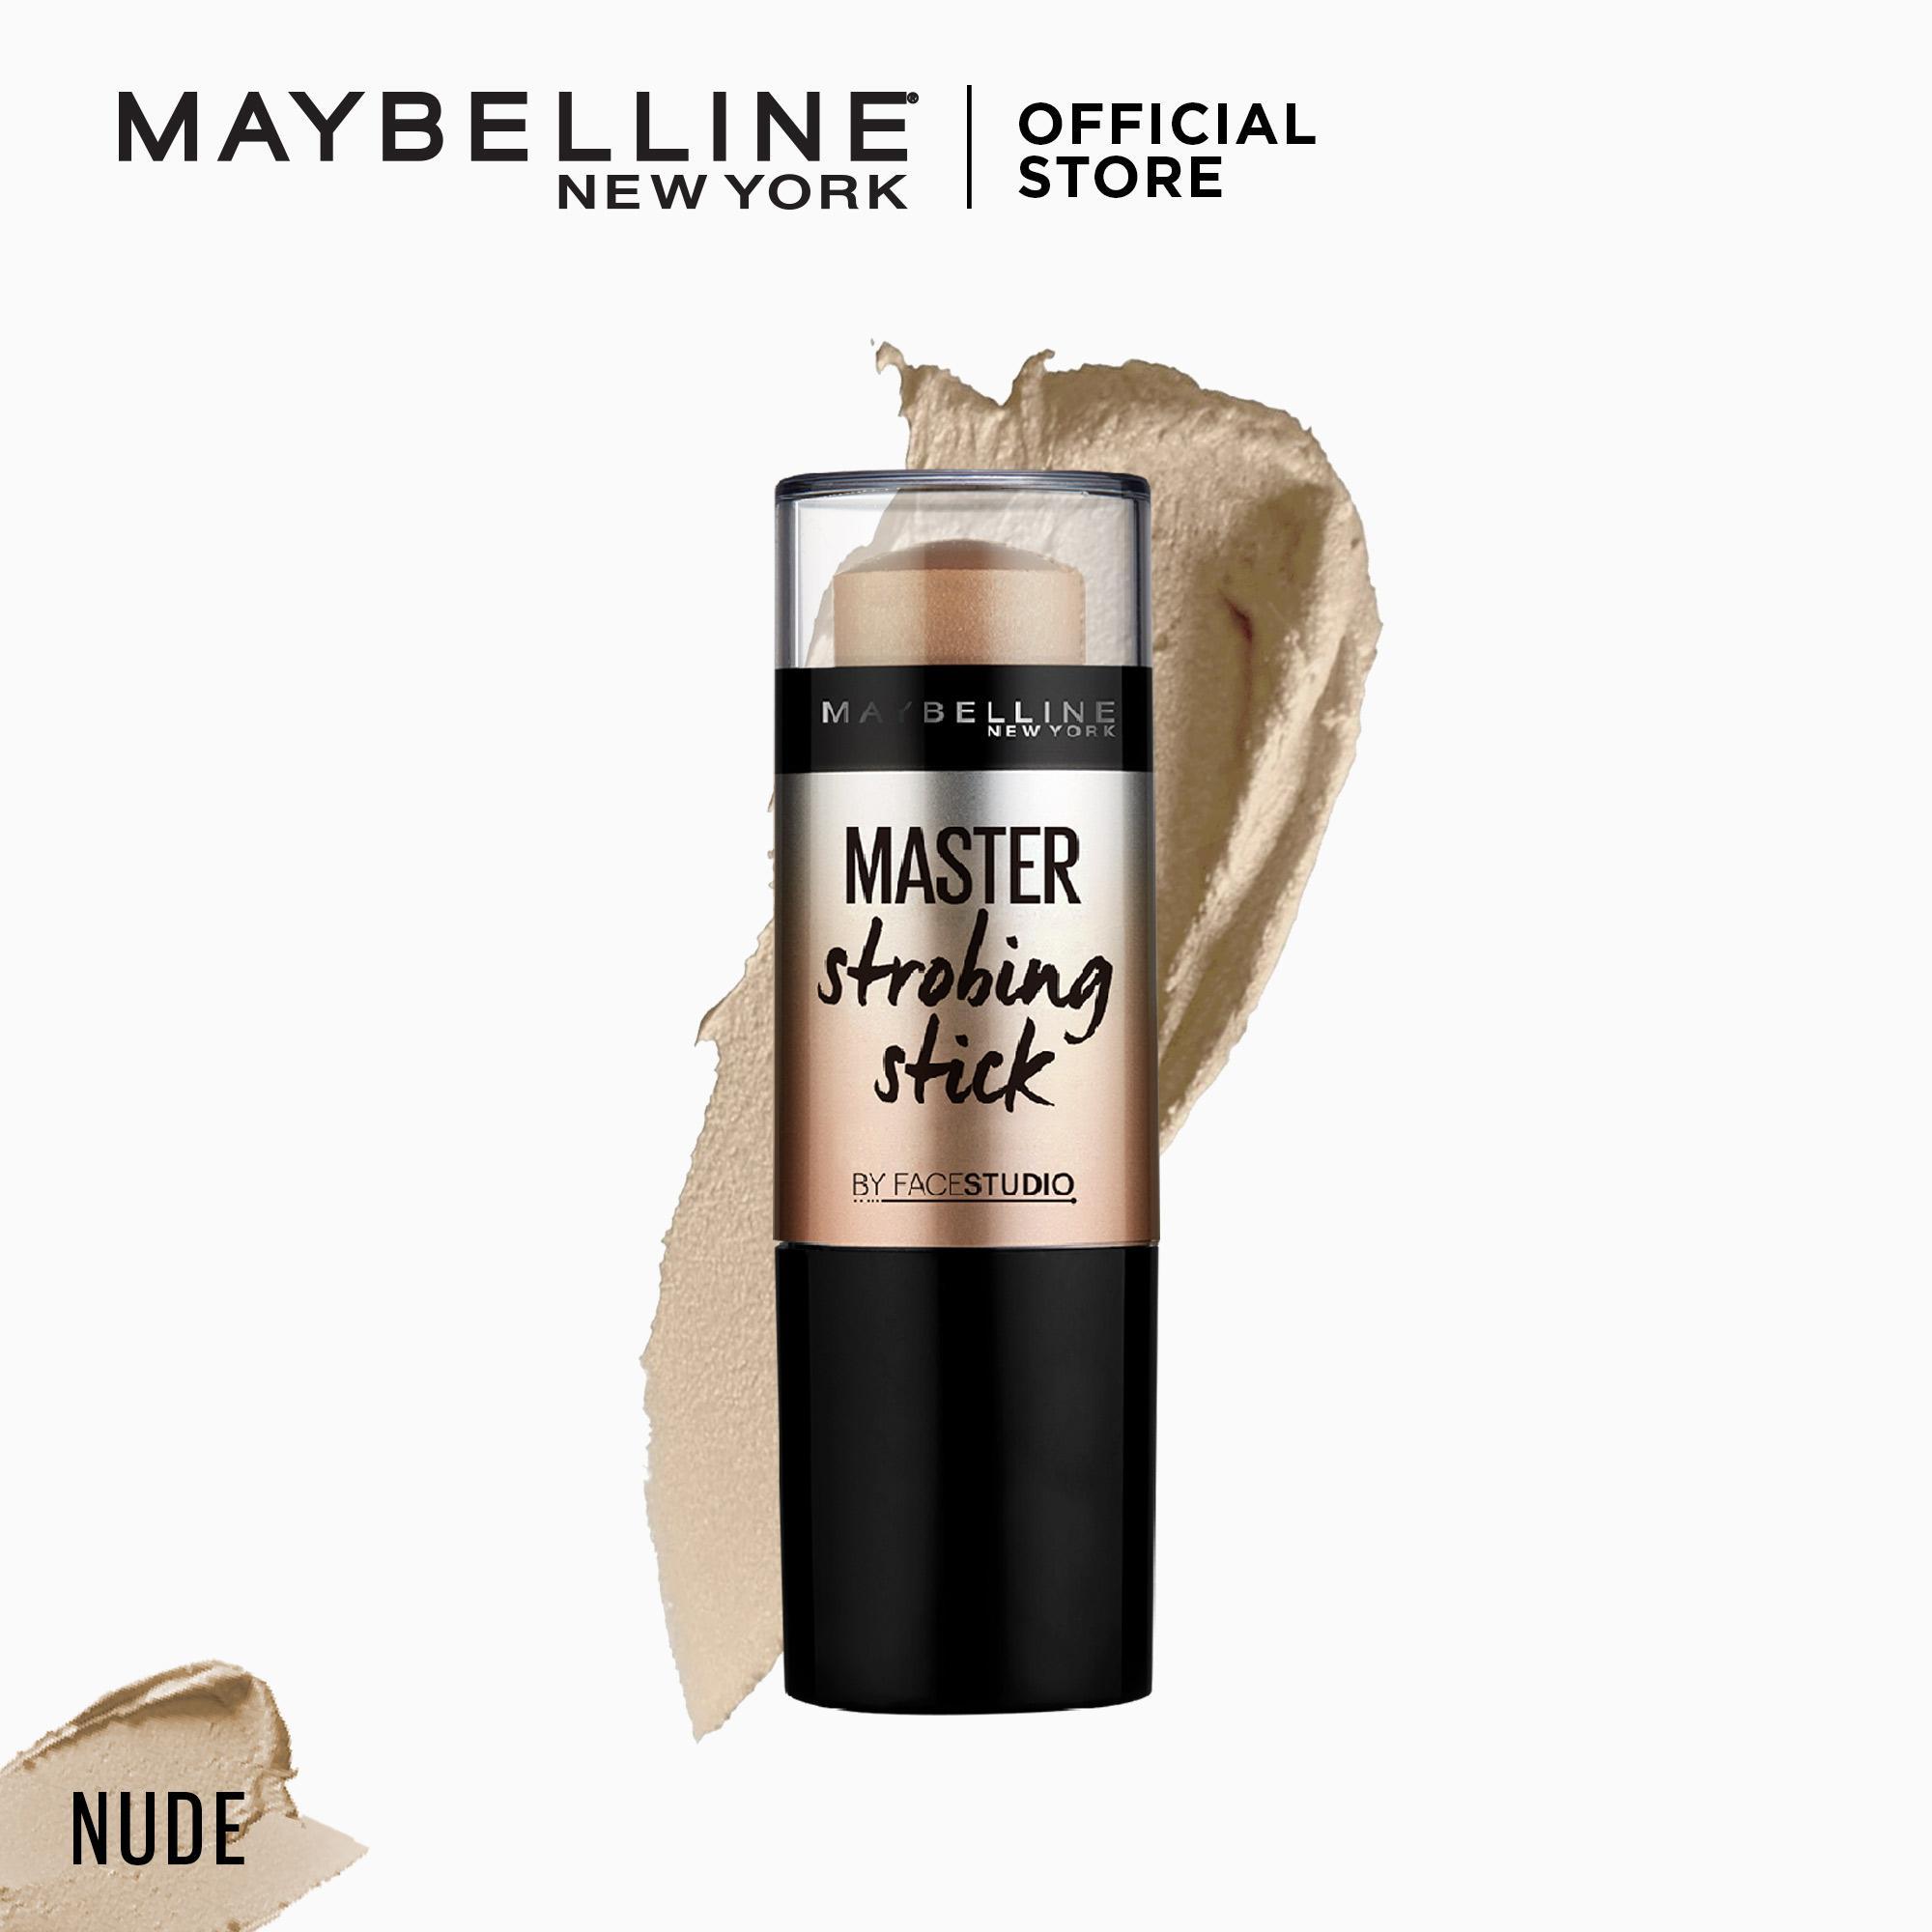 Shimmer Highlights Brands High Lighter Makeup On Sale Prices Set Maybelline Face Studio V Shape Powder 01 Light Med Master Strobing Stick Nude